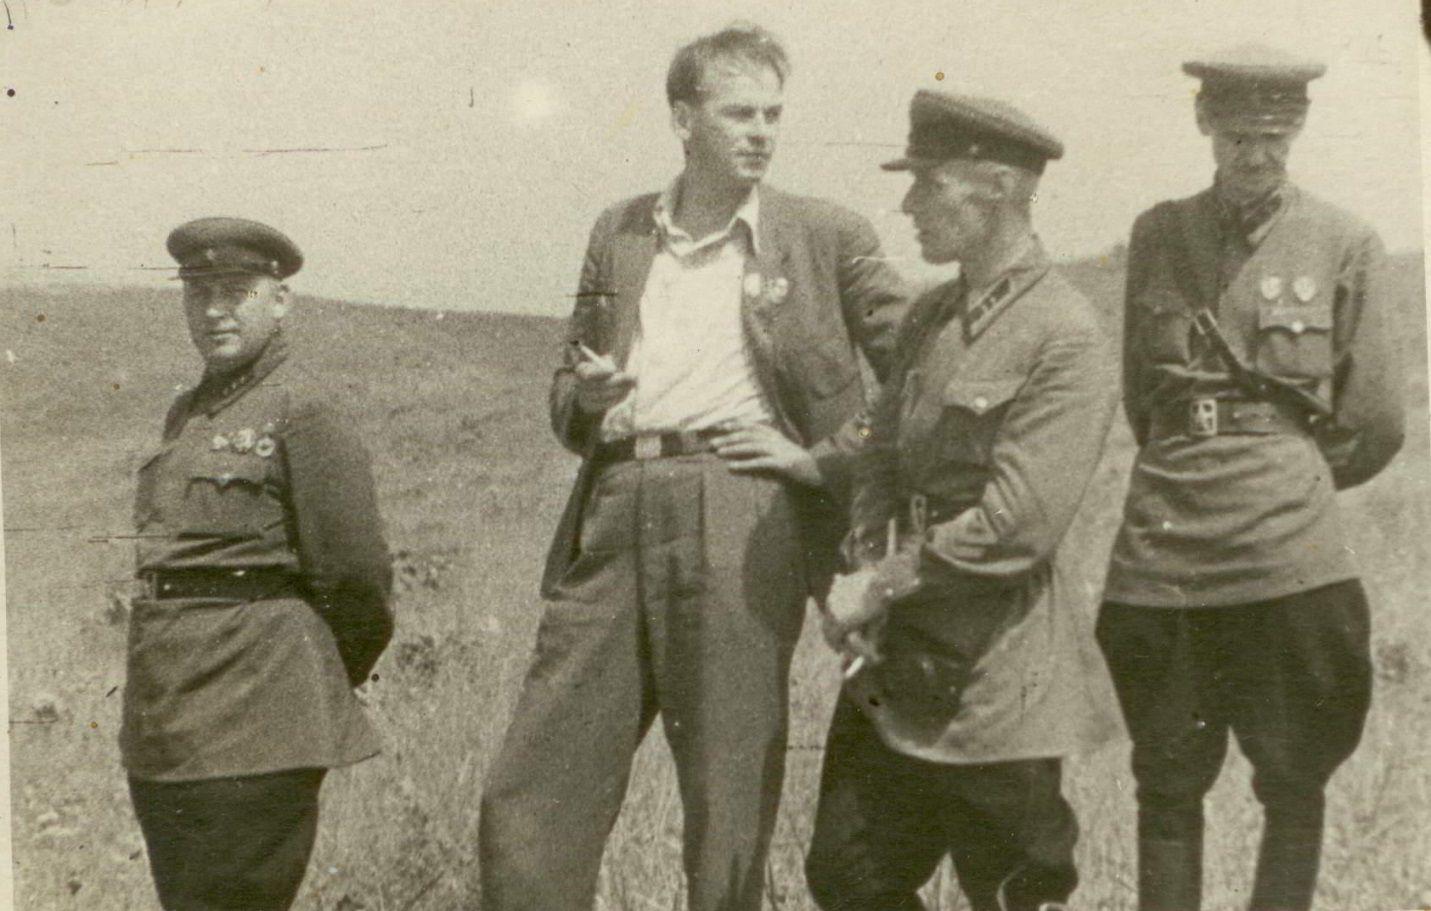 Член Военного Совета Зимин, артист Николай Черкасов и командующий 1-й Отдельной Краснознамённой армией на Дальнем Востоке М.М. Попов. Август 1939 года